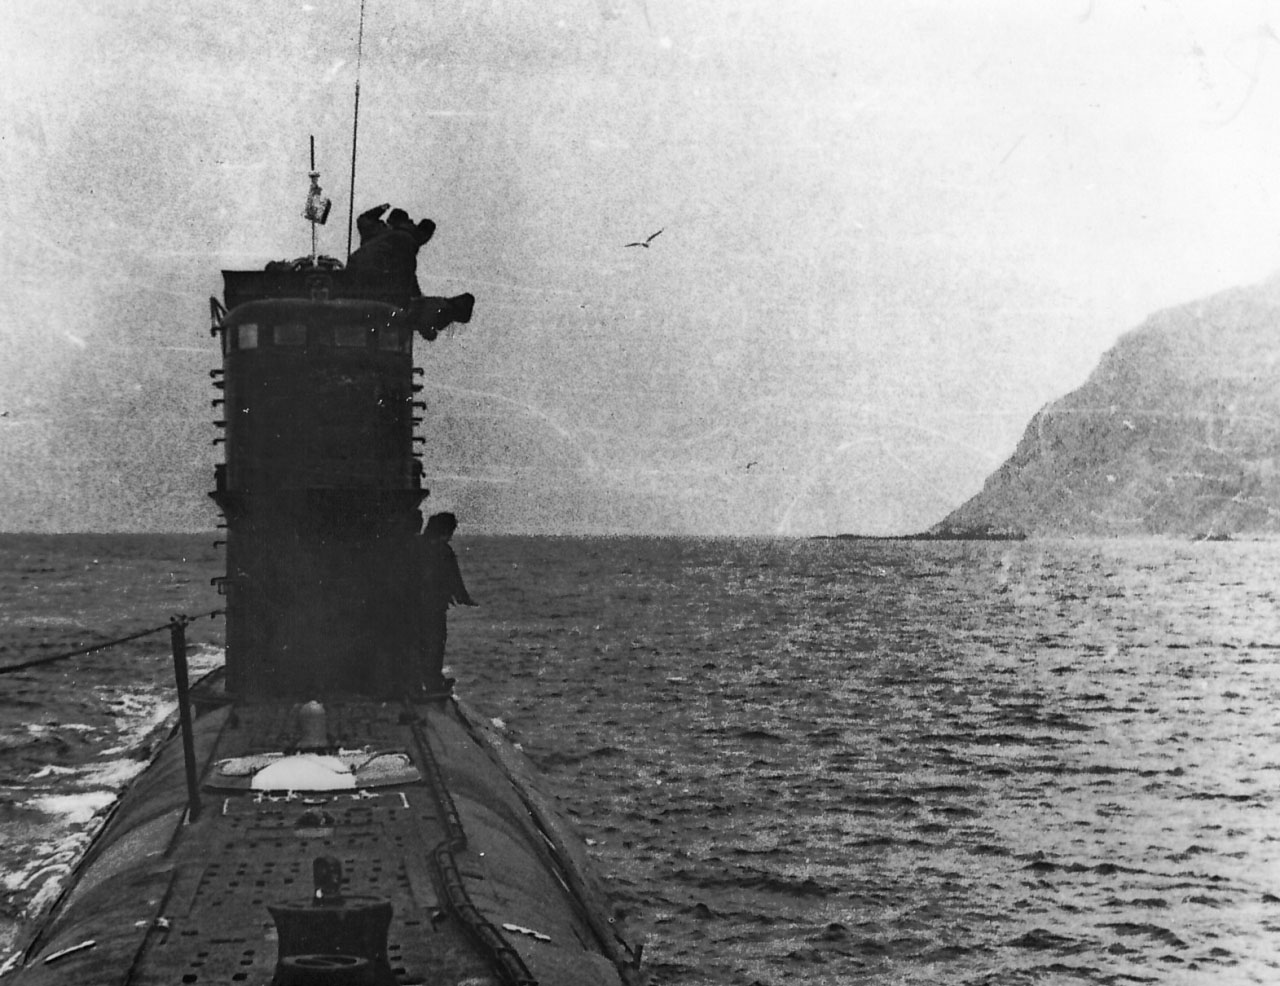 Подводная лодка С-176 снова возле входа в бухту Броутона. Другое время (1983), другой командир. В этот раз рисковать не стали, в кратер не заходили.